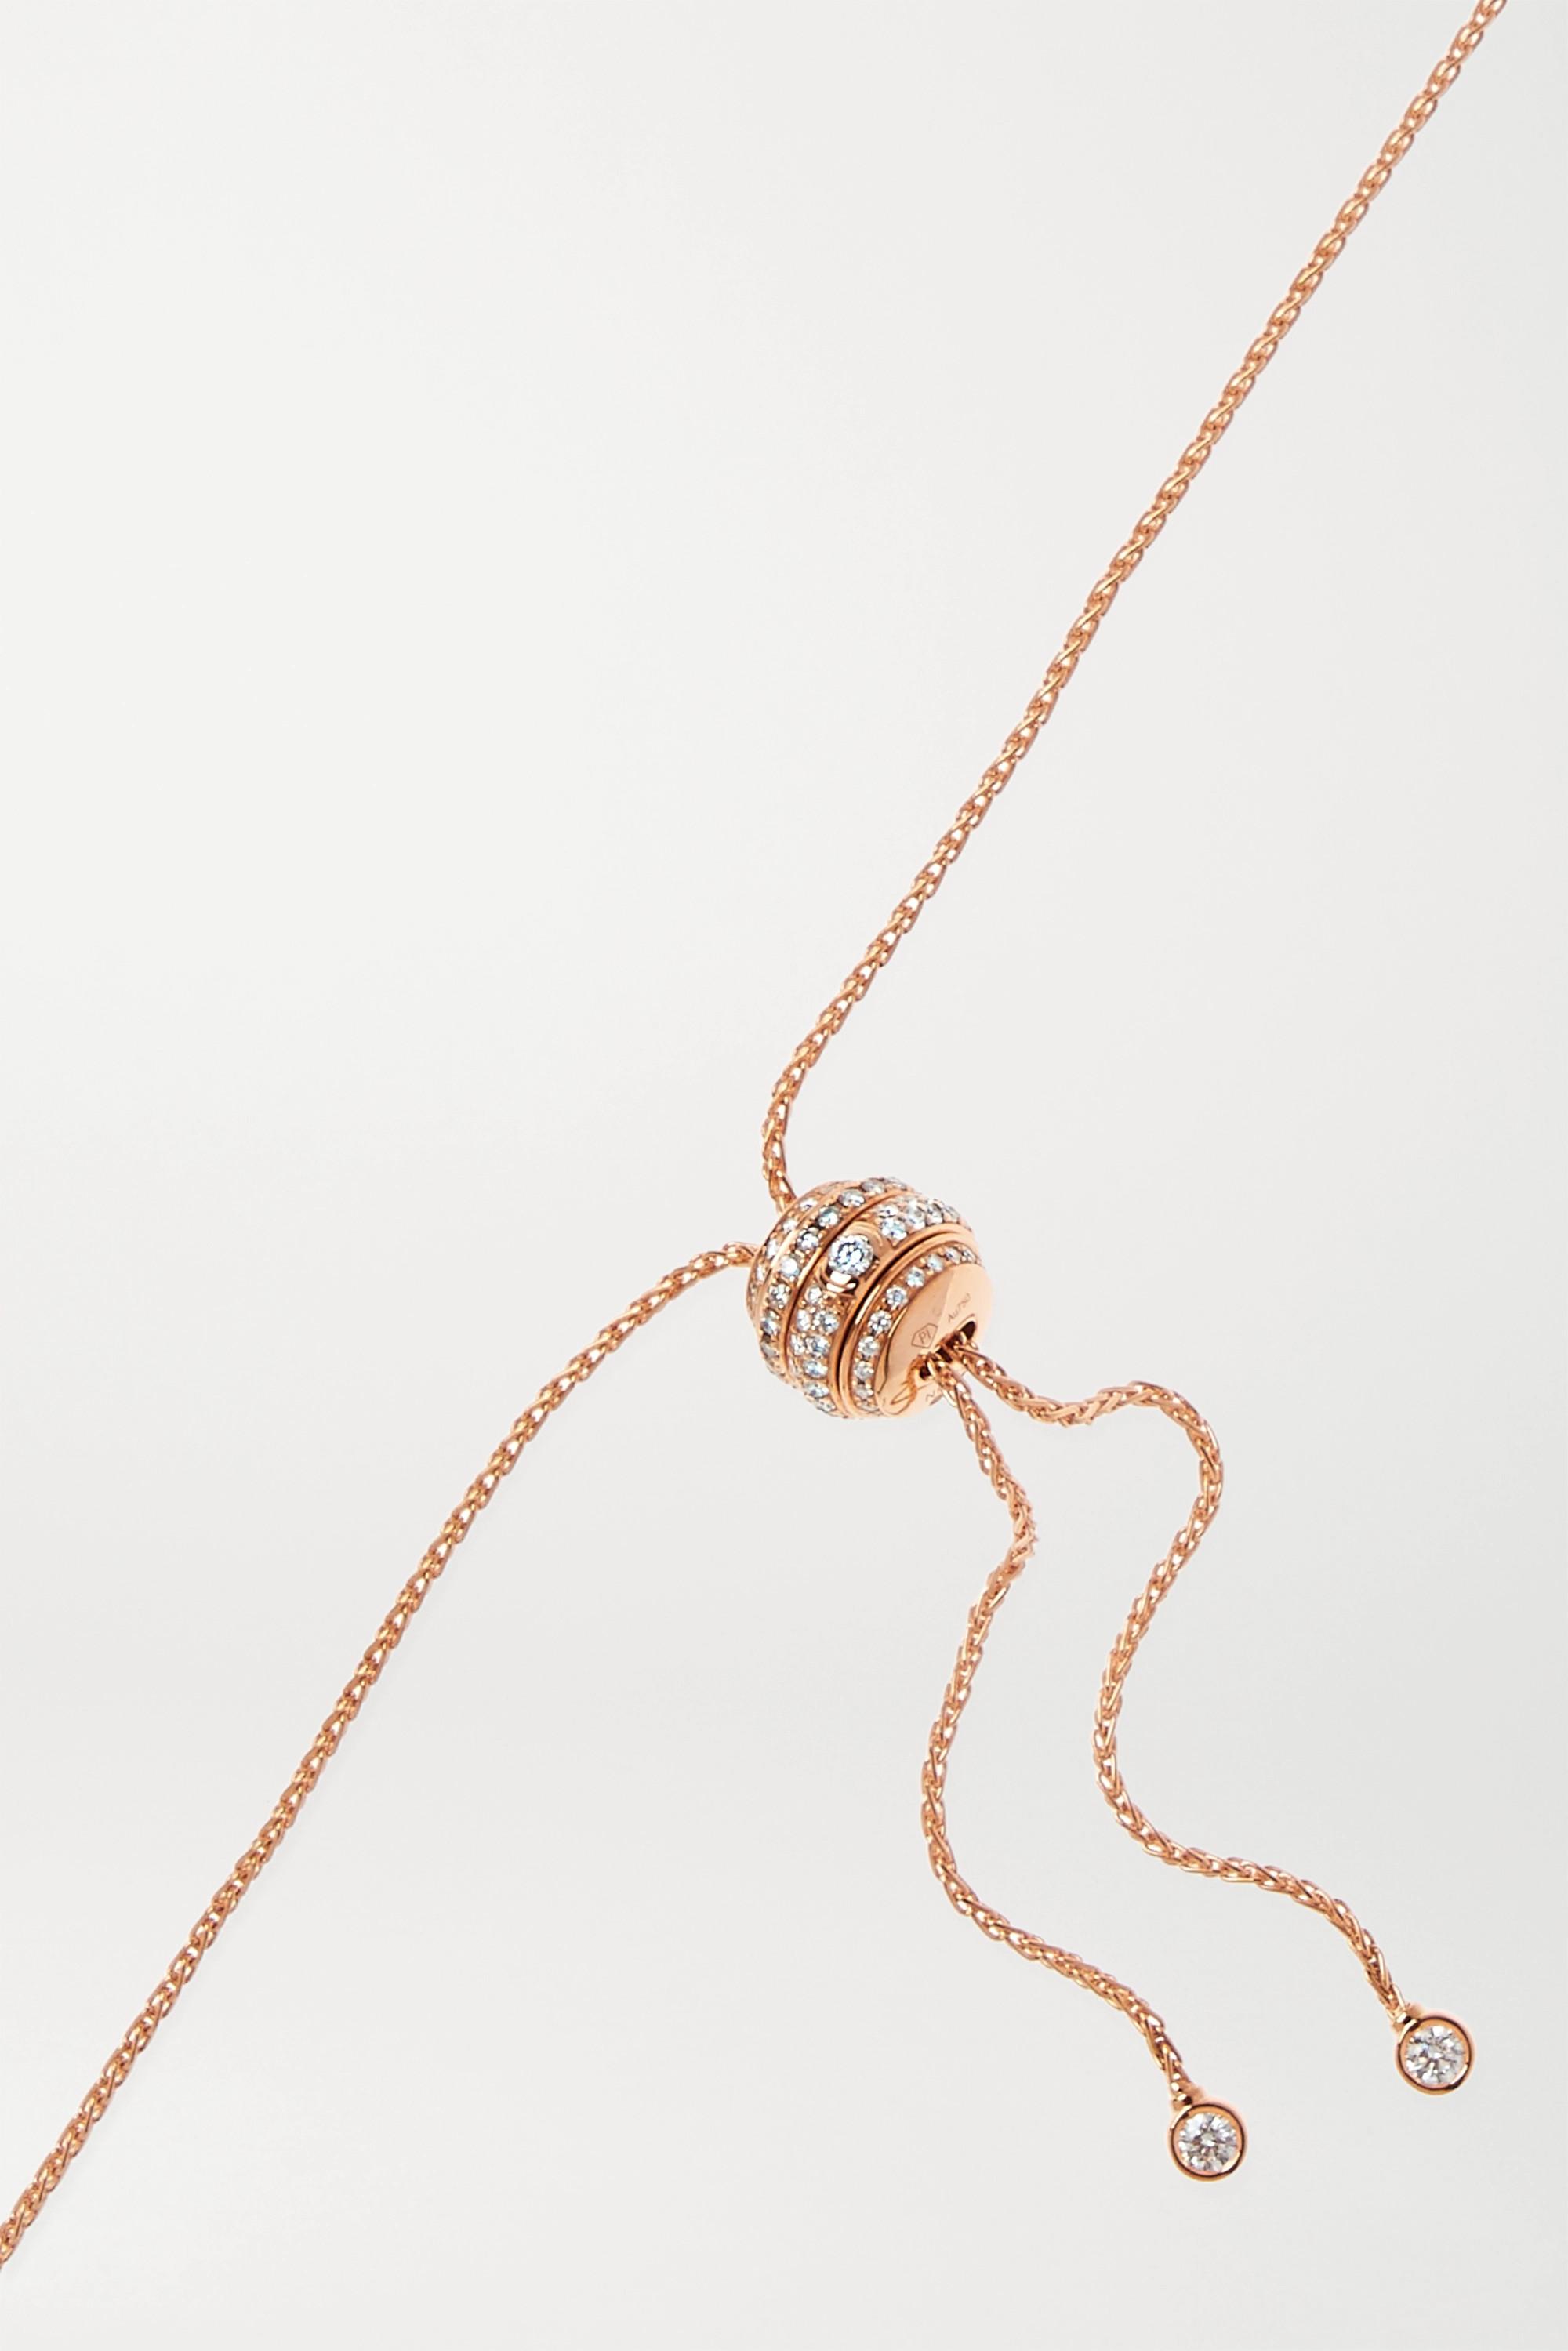 Piaget Collier en or rose 18 carats et diamants Possession